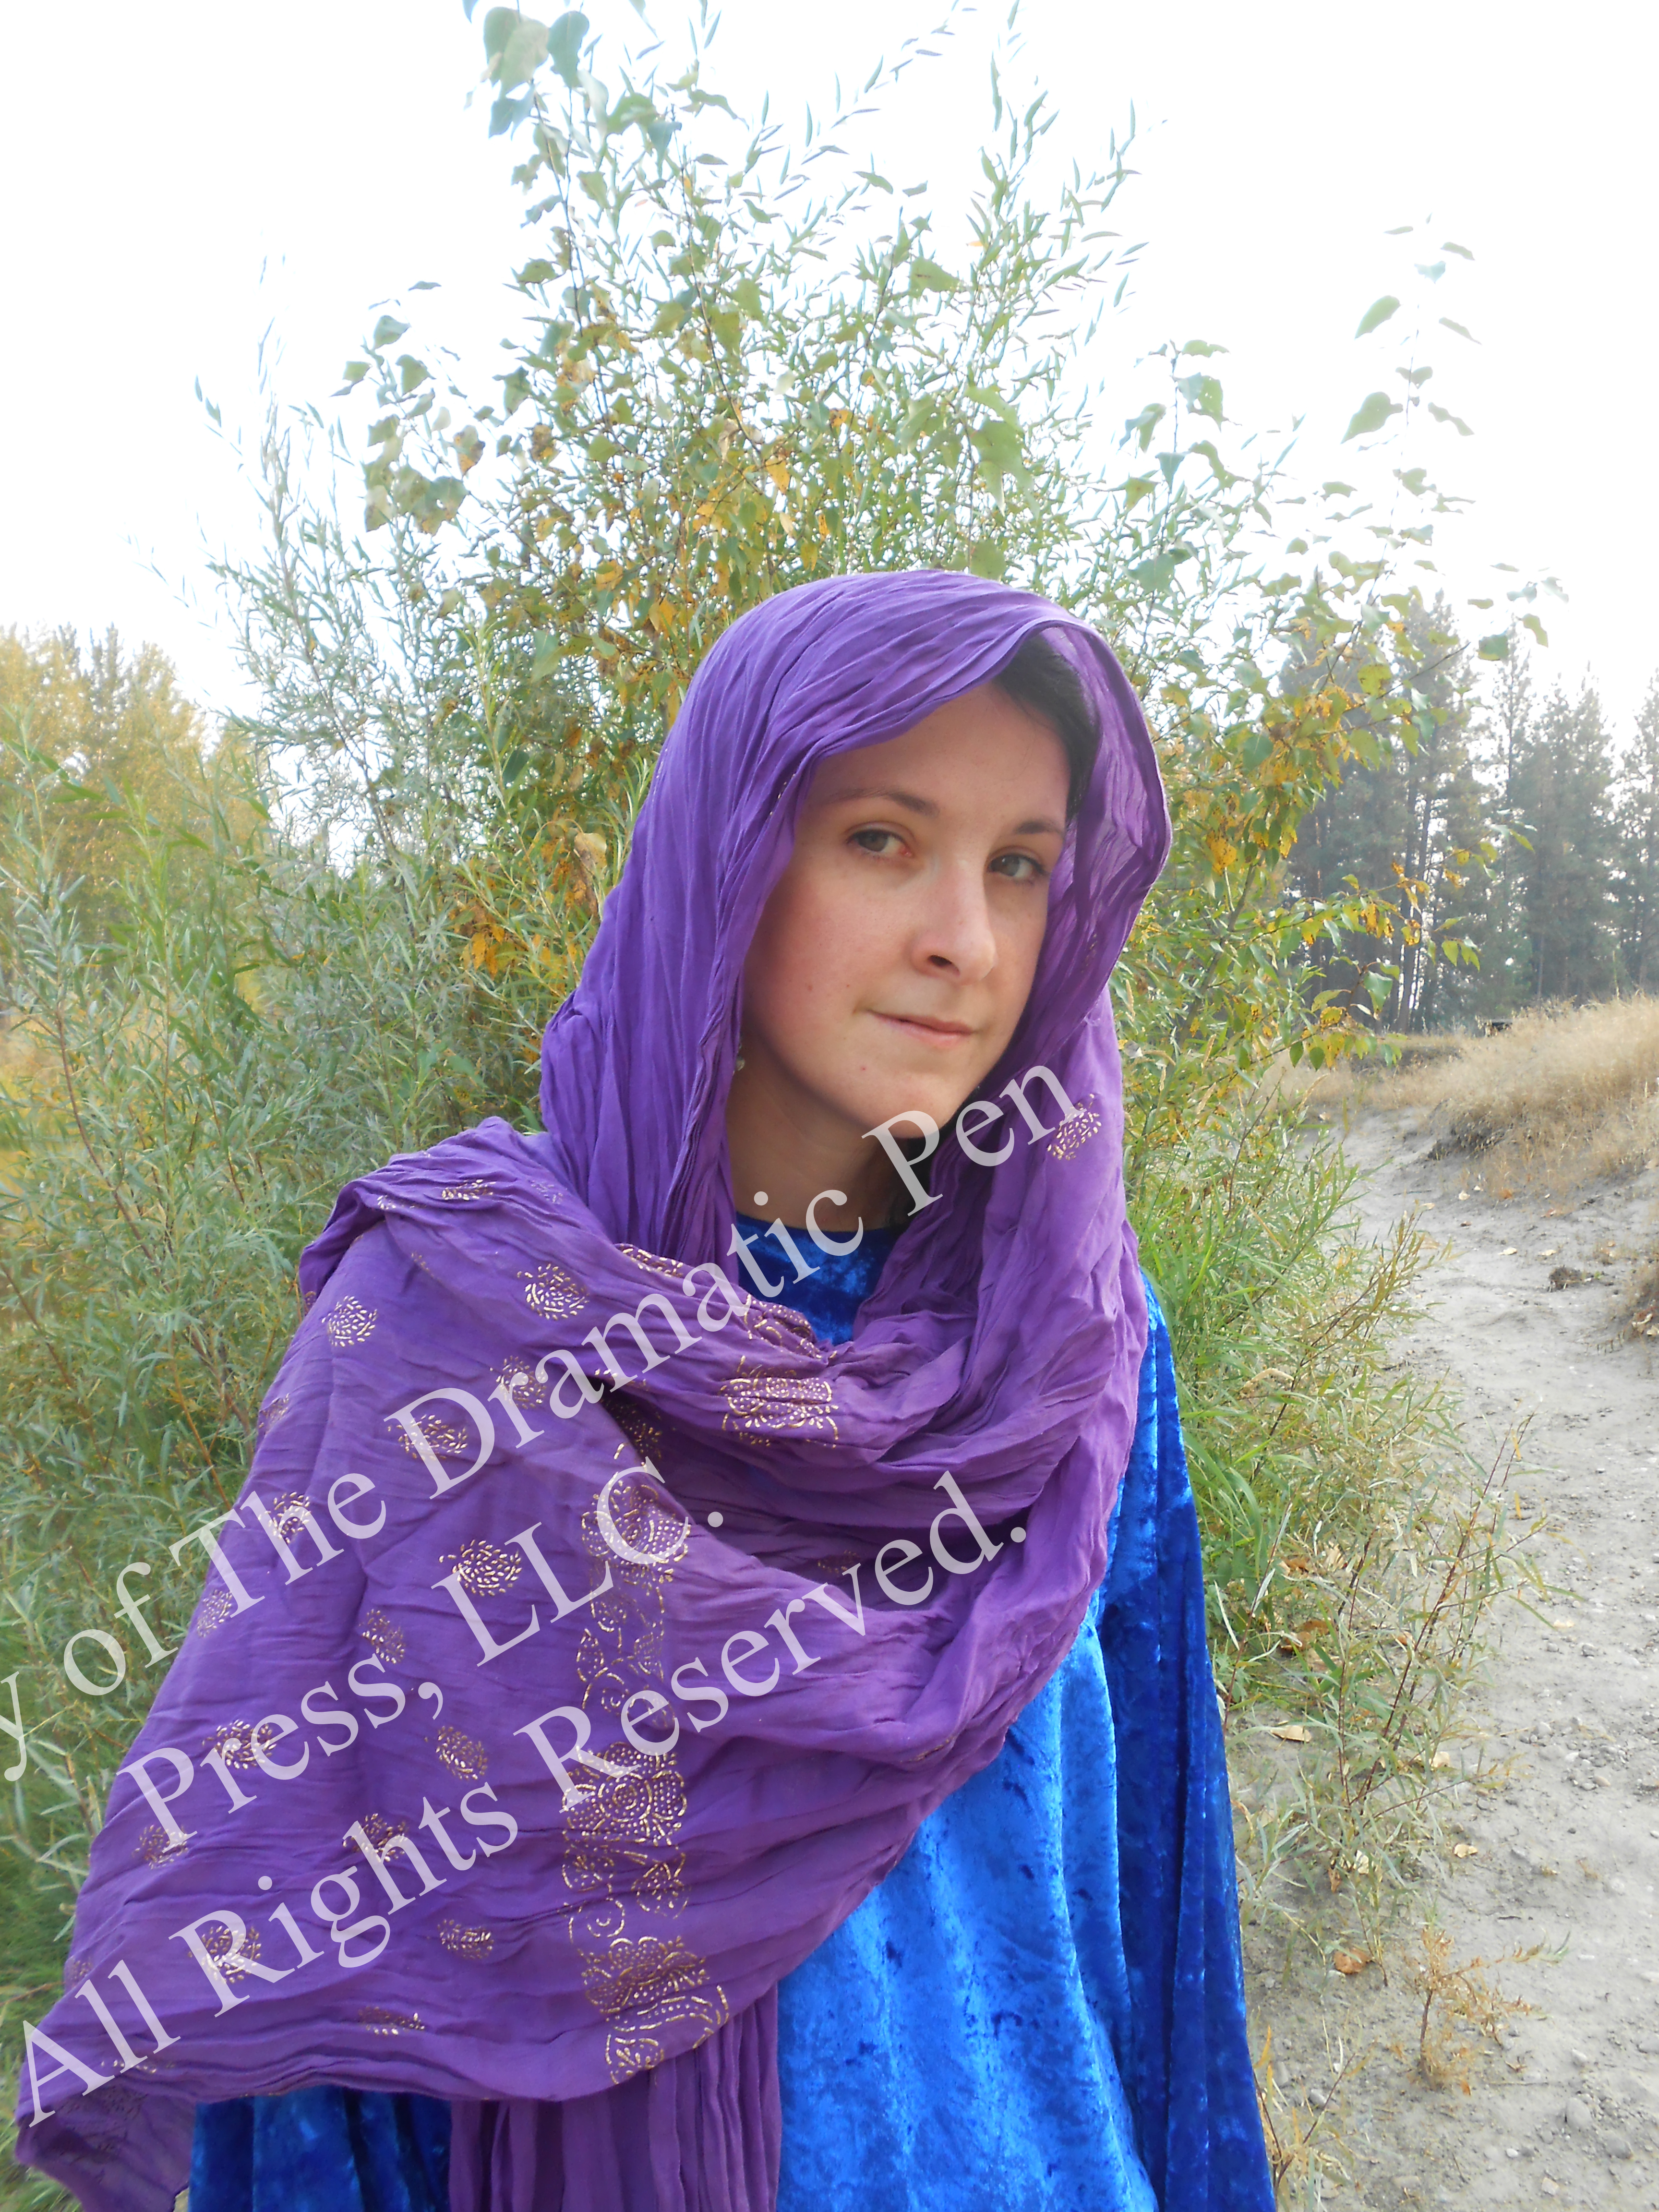 Biblical Woman Purple Soft Smile